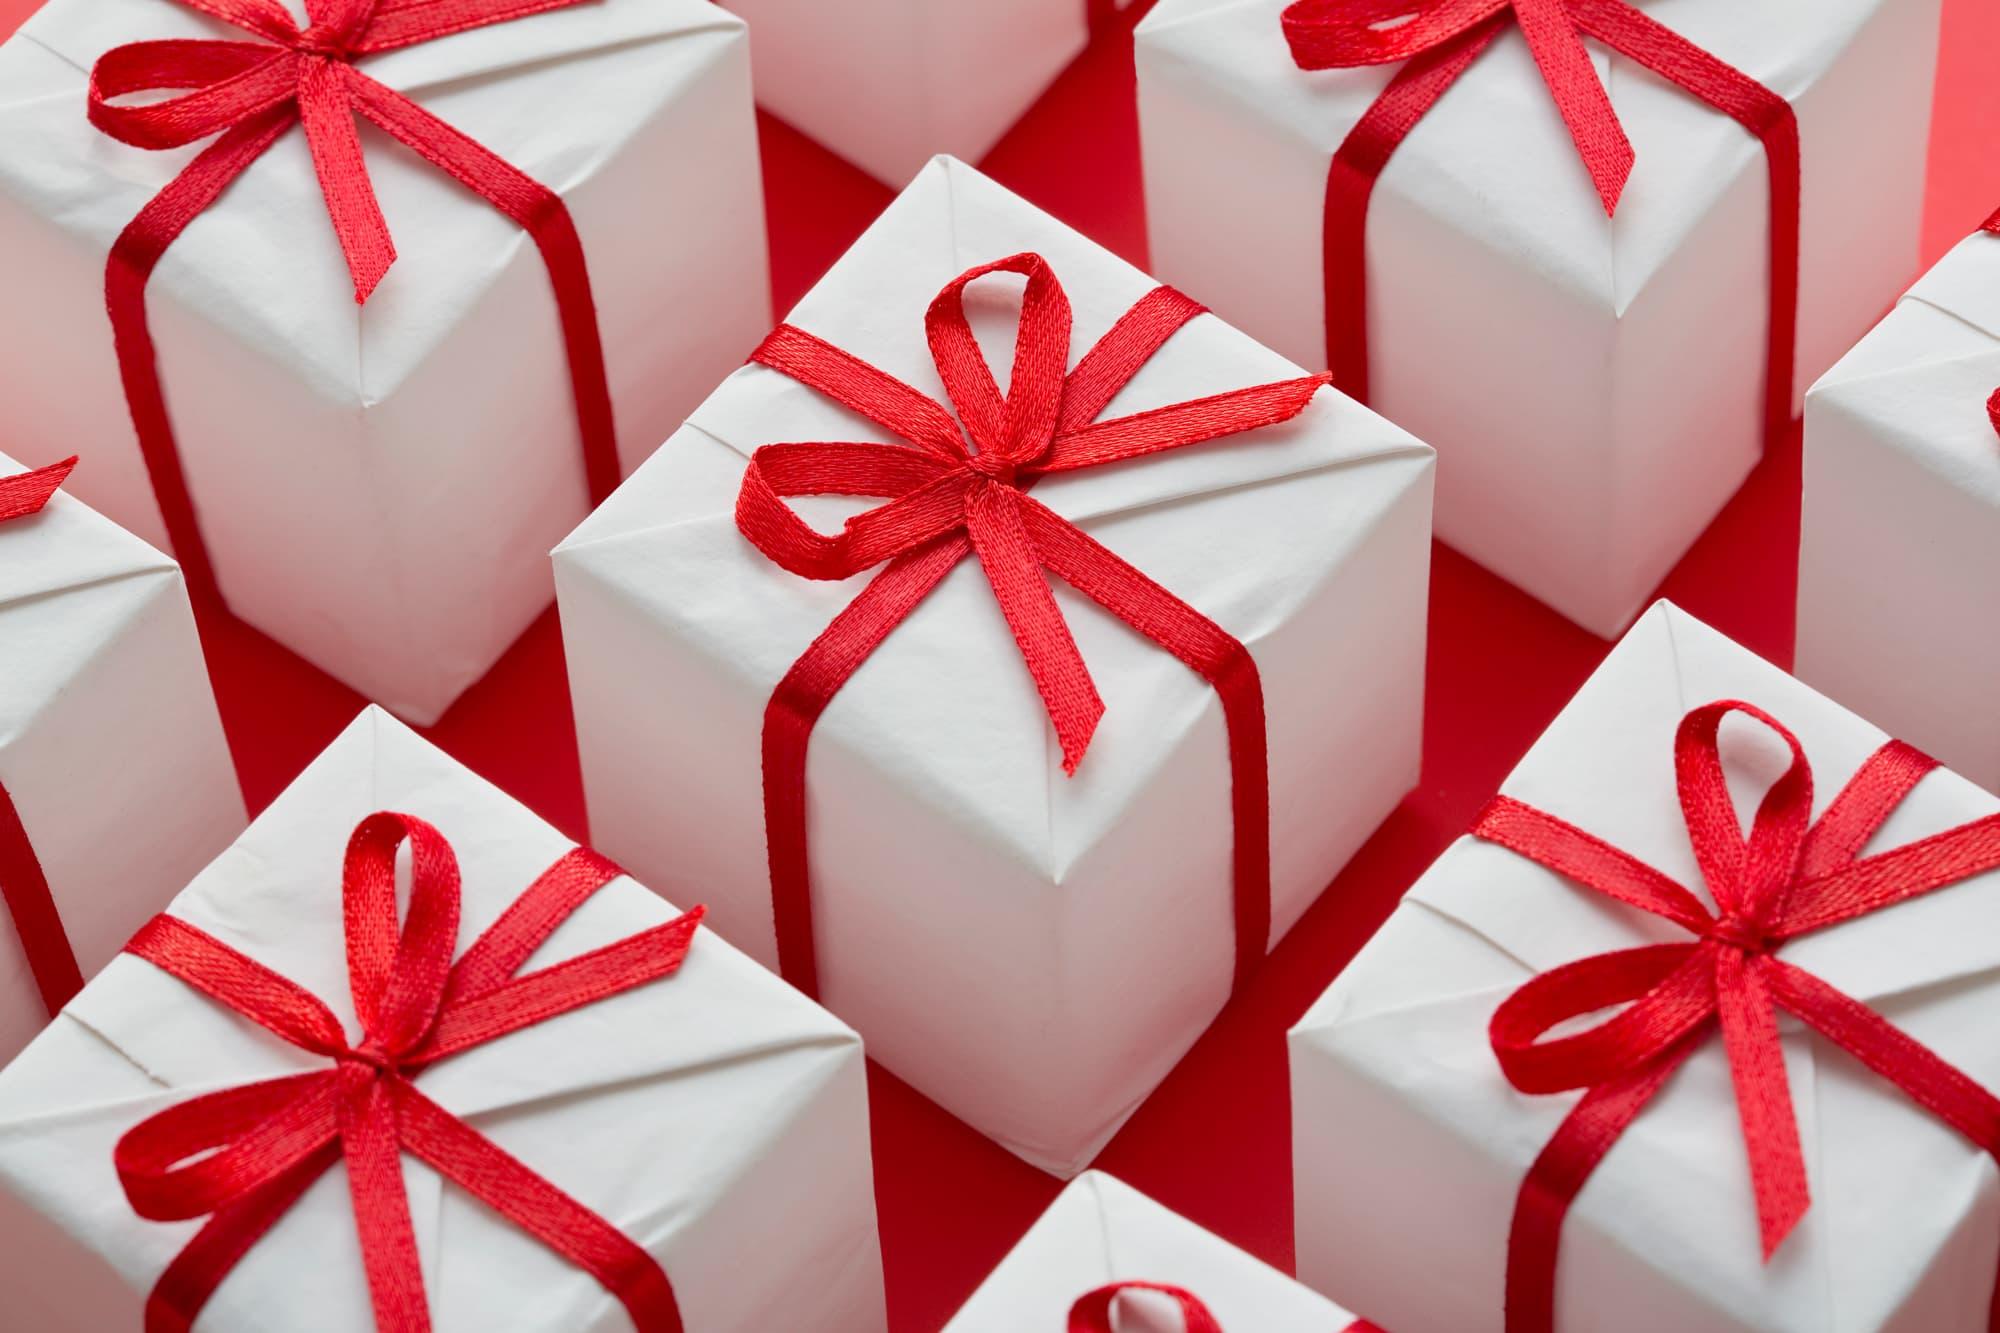 поздравление о выборе подарка все воспринимается